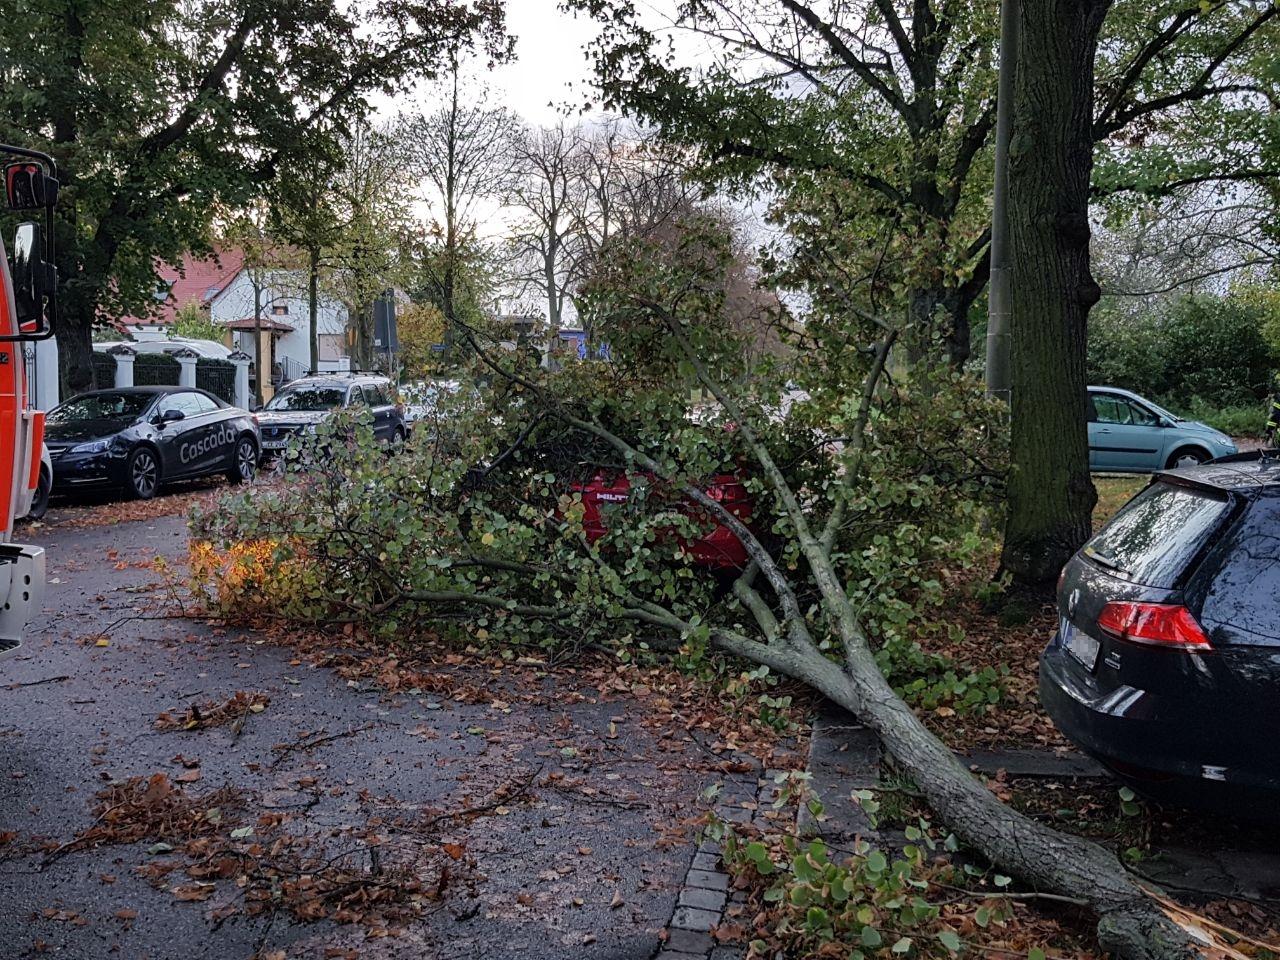 166_TH1_Baum-auf-Straße_01